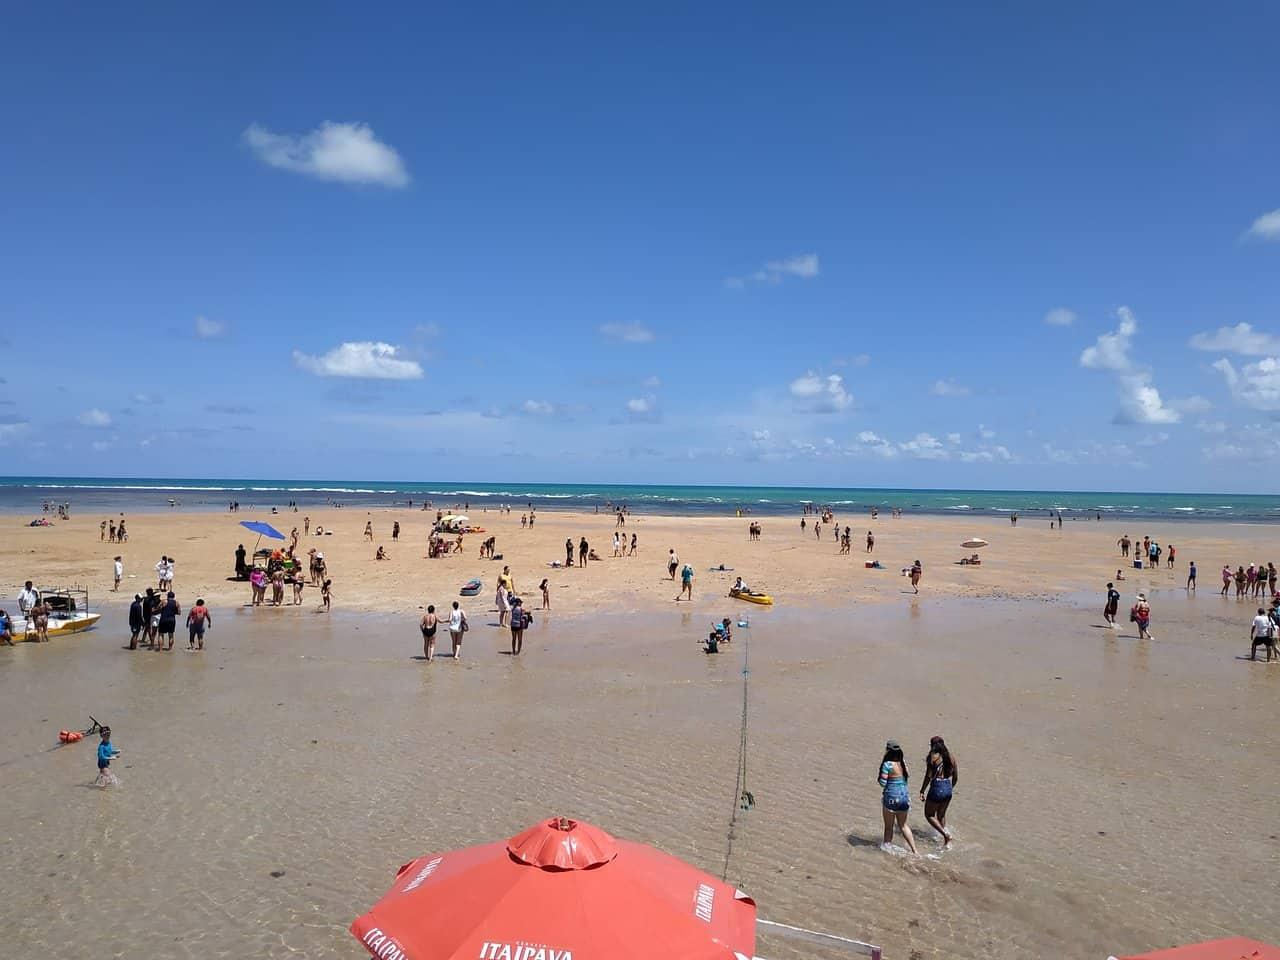 areia vermelha paraiba